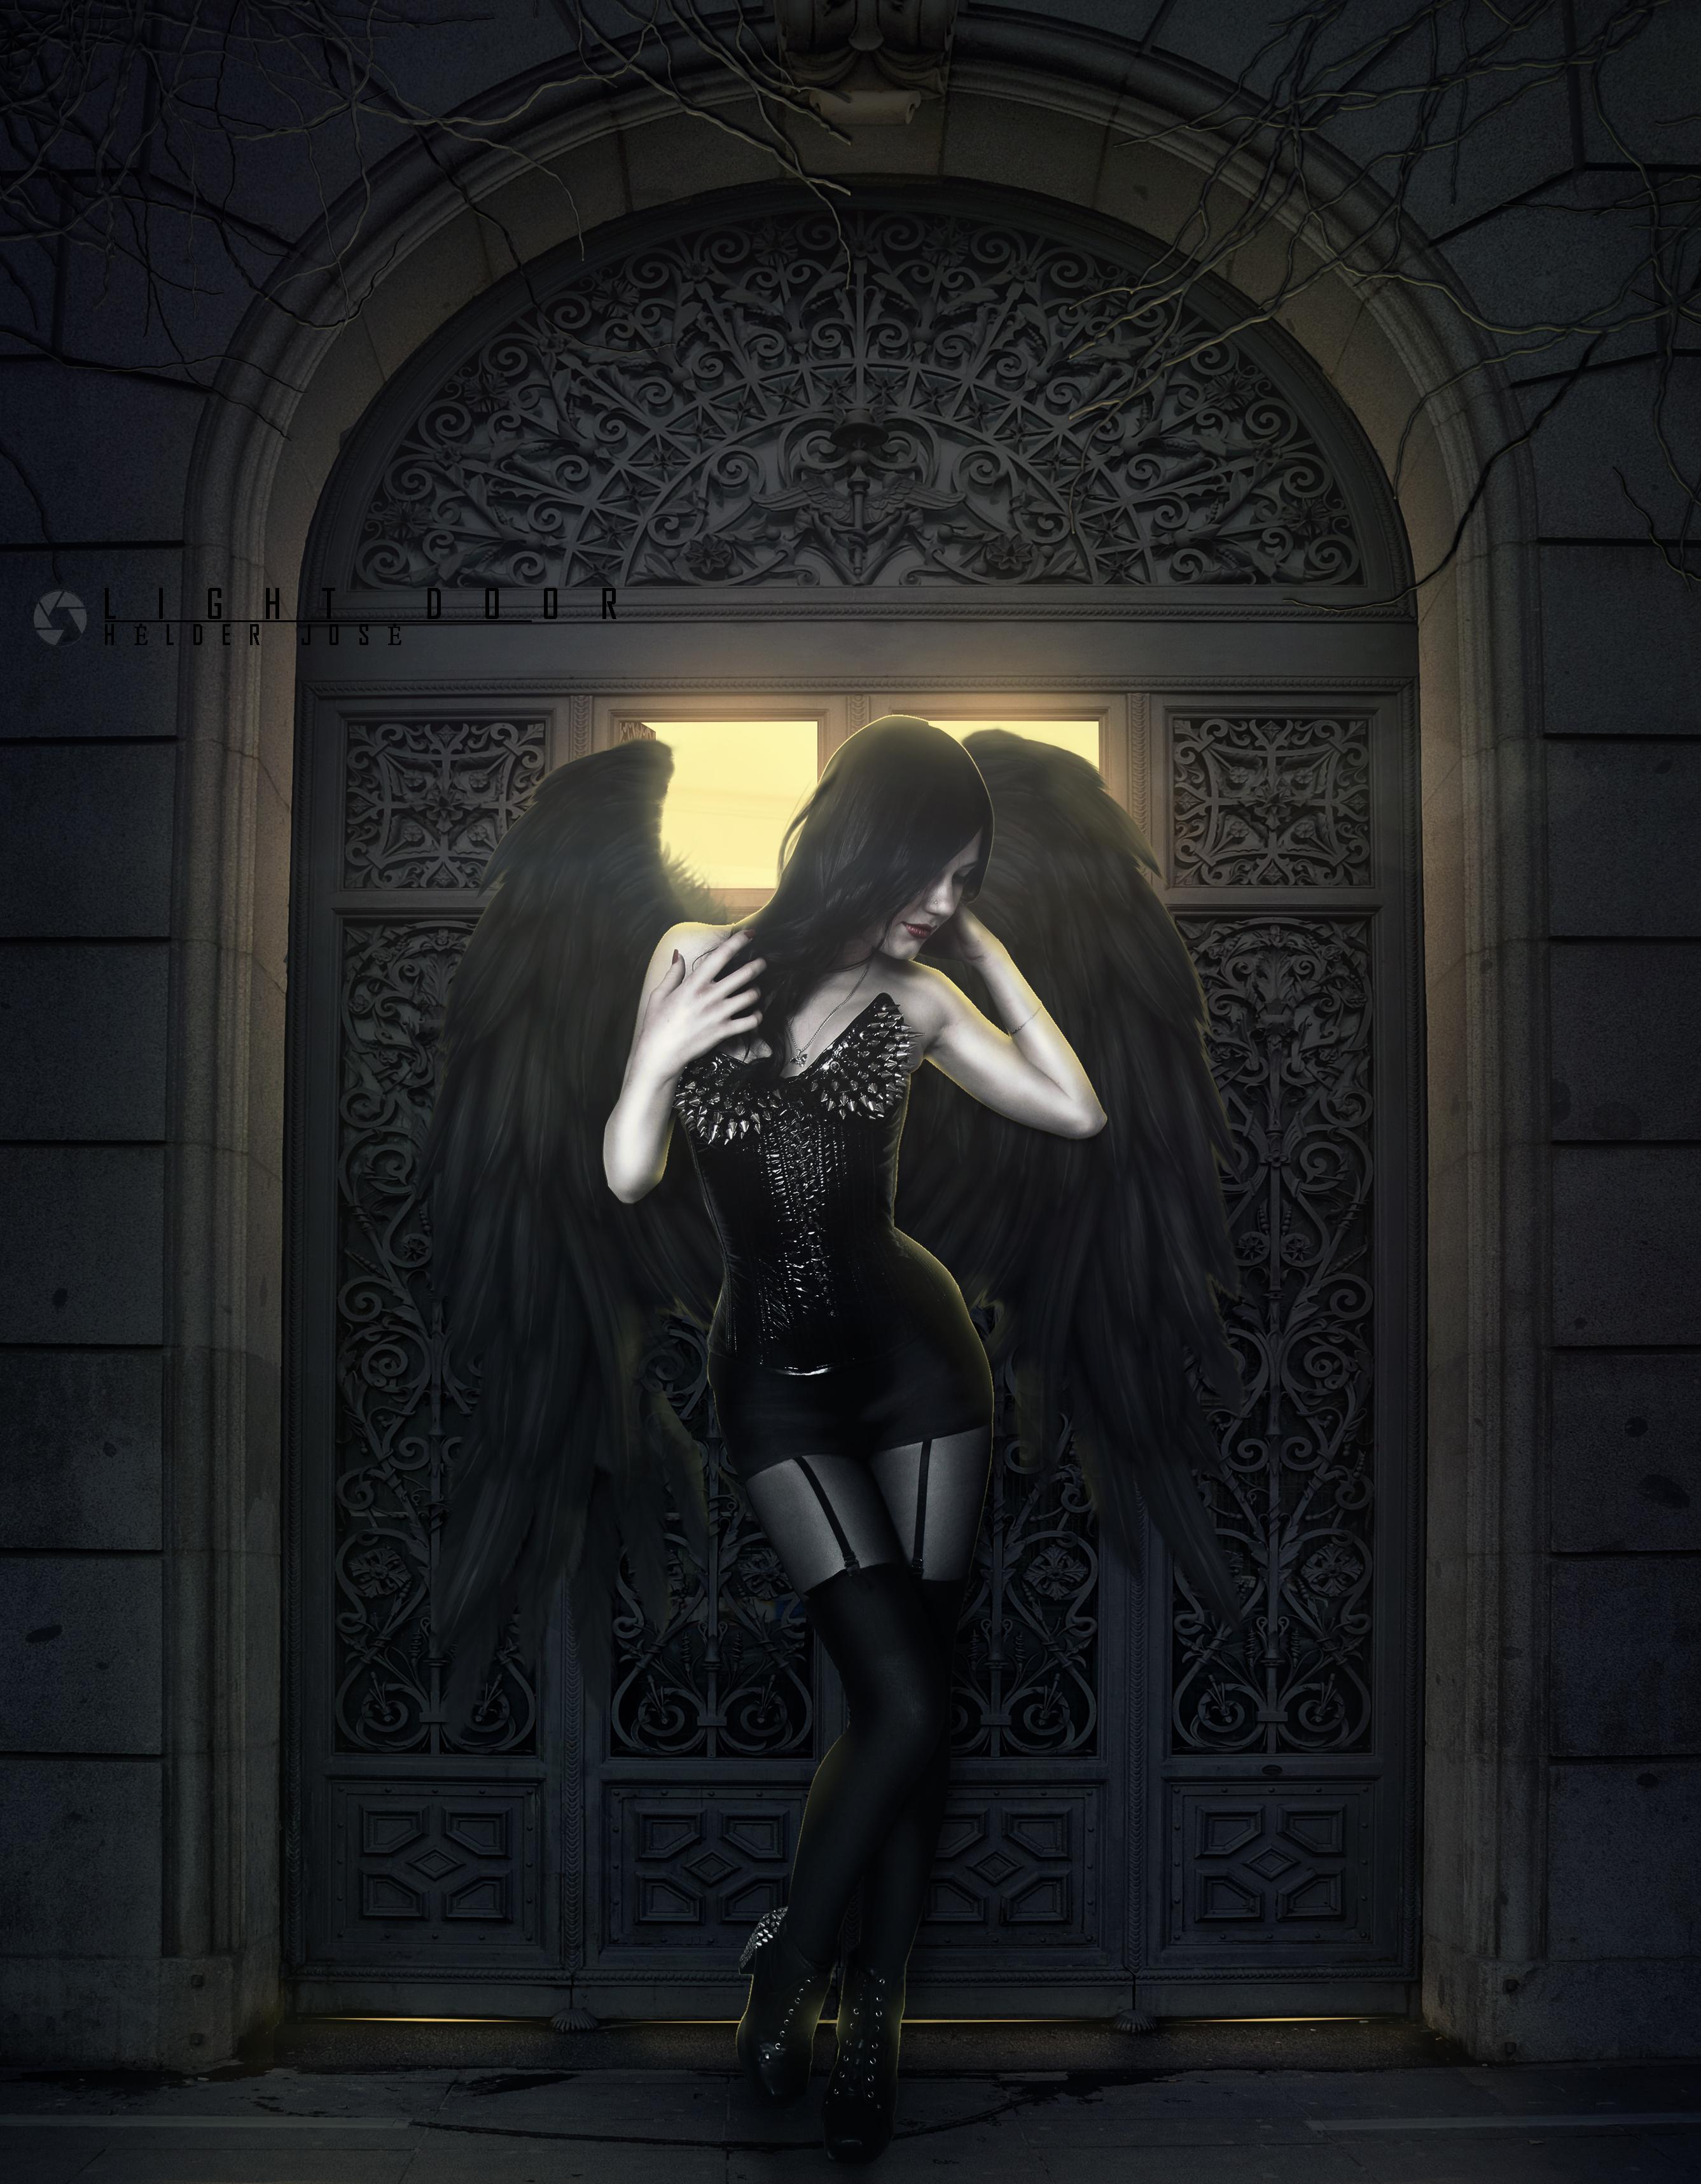 Light Door by Helderjose